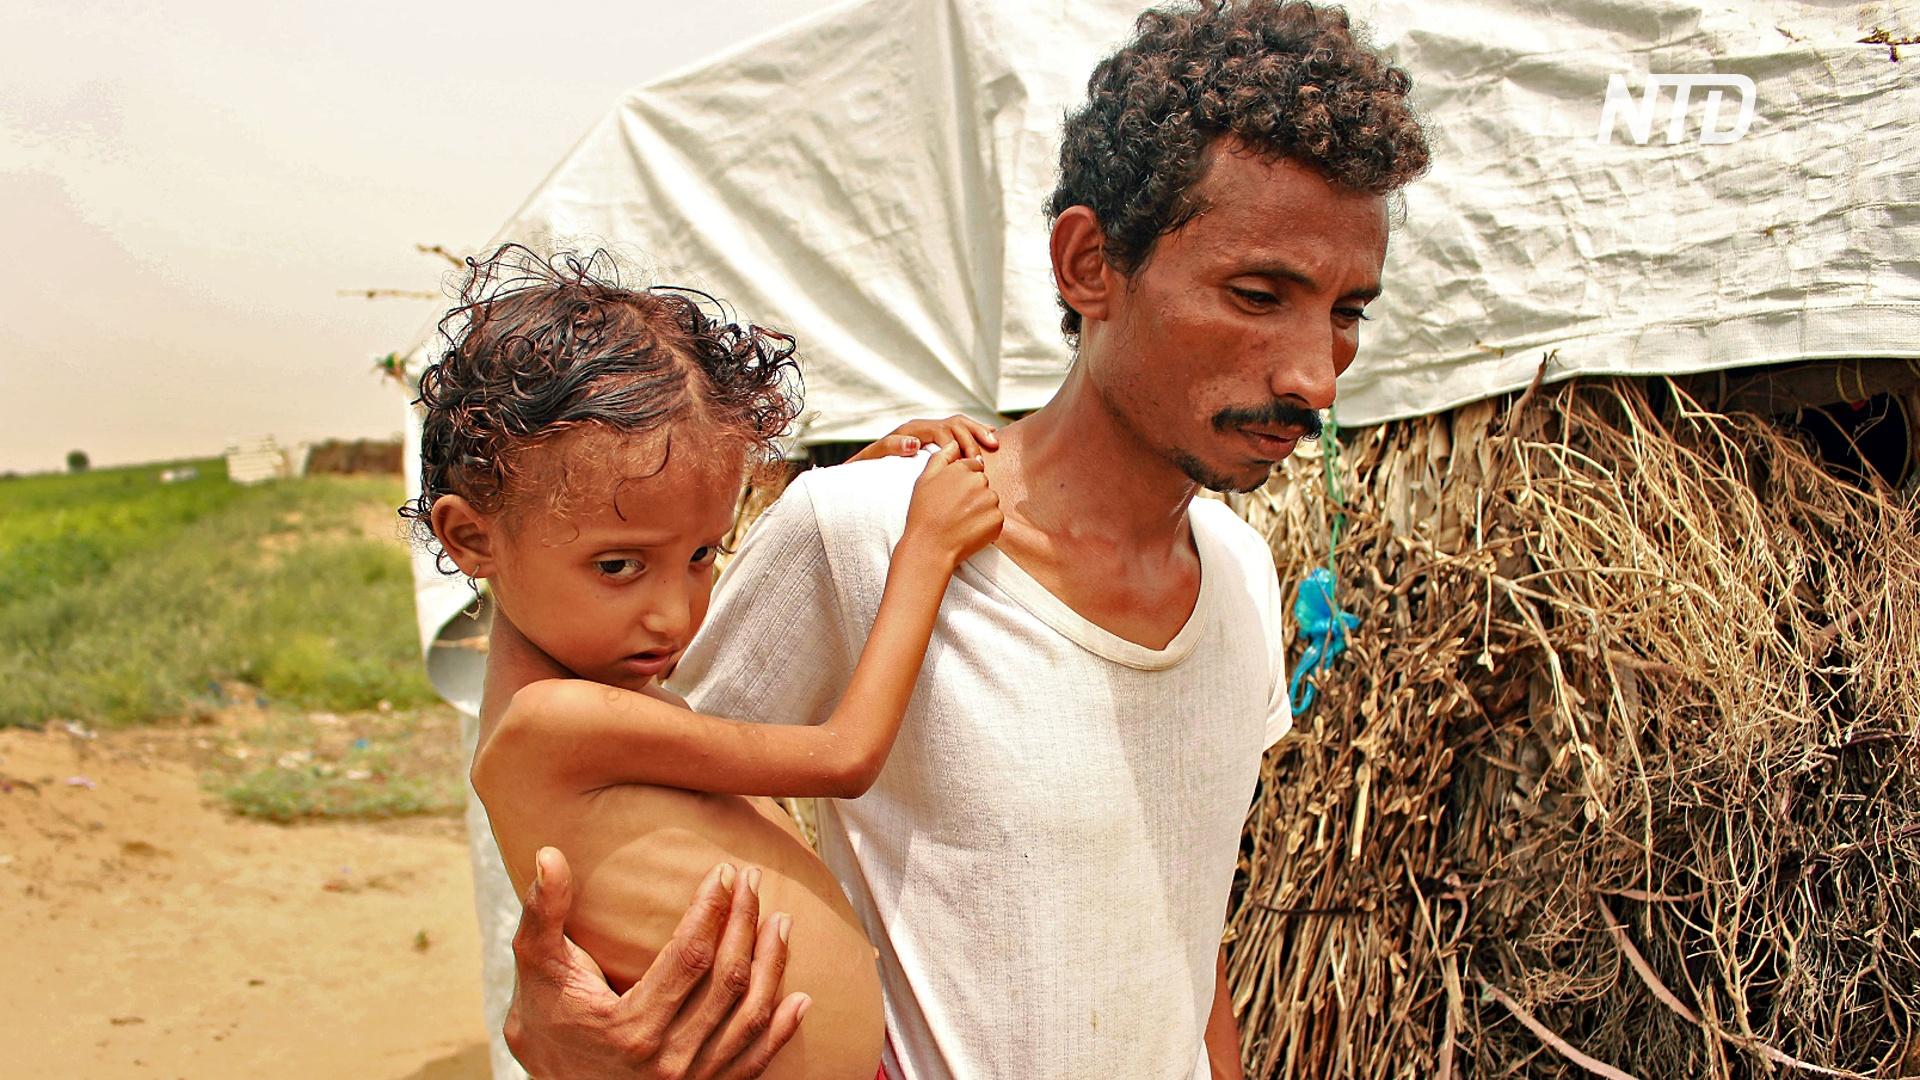 ООН: уровень недоедания среди детей в Йемене достиг рекордной отметки